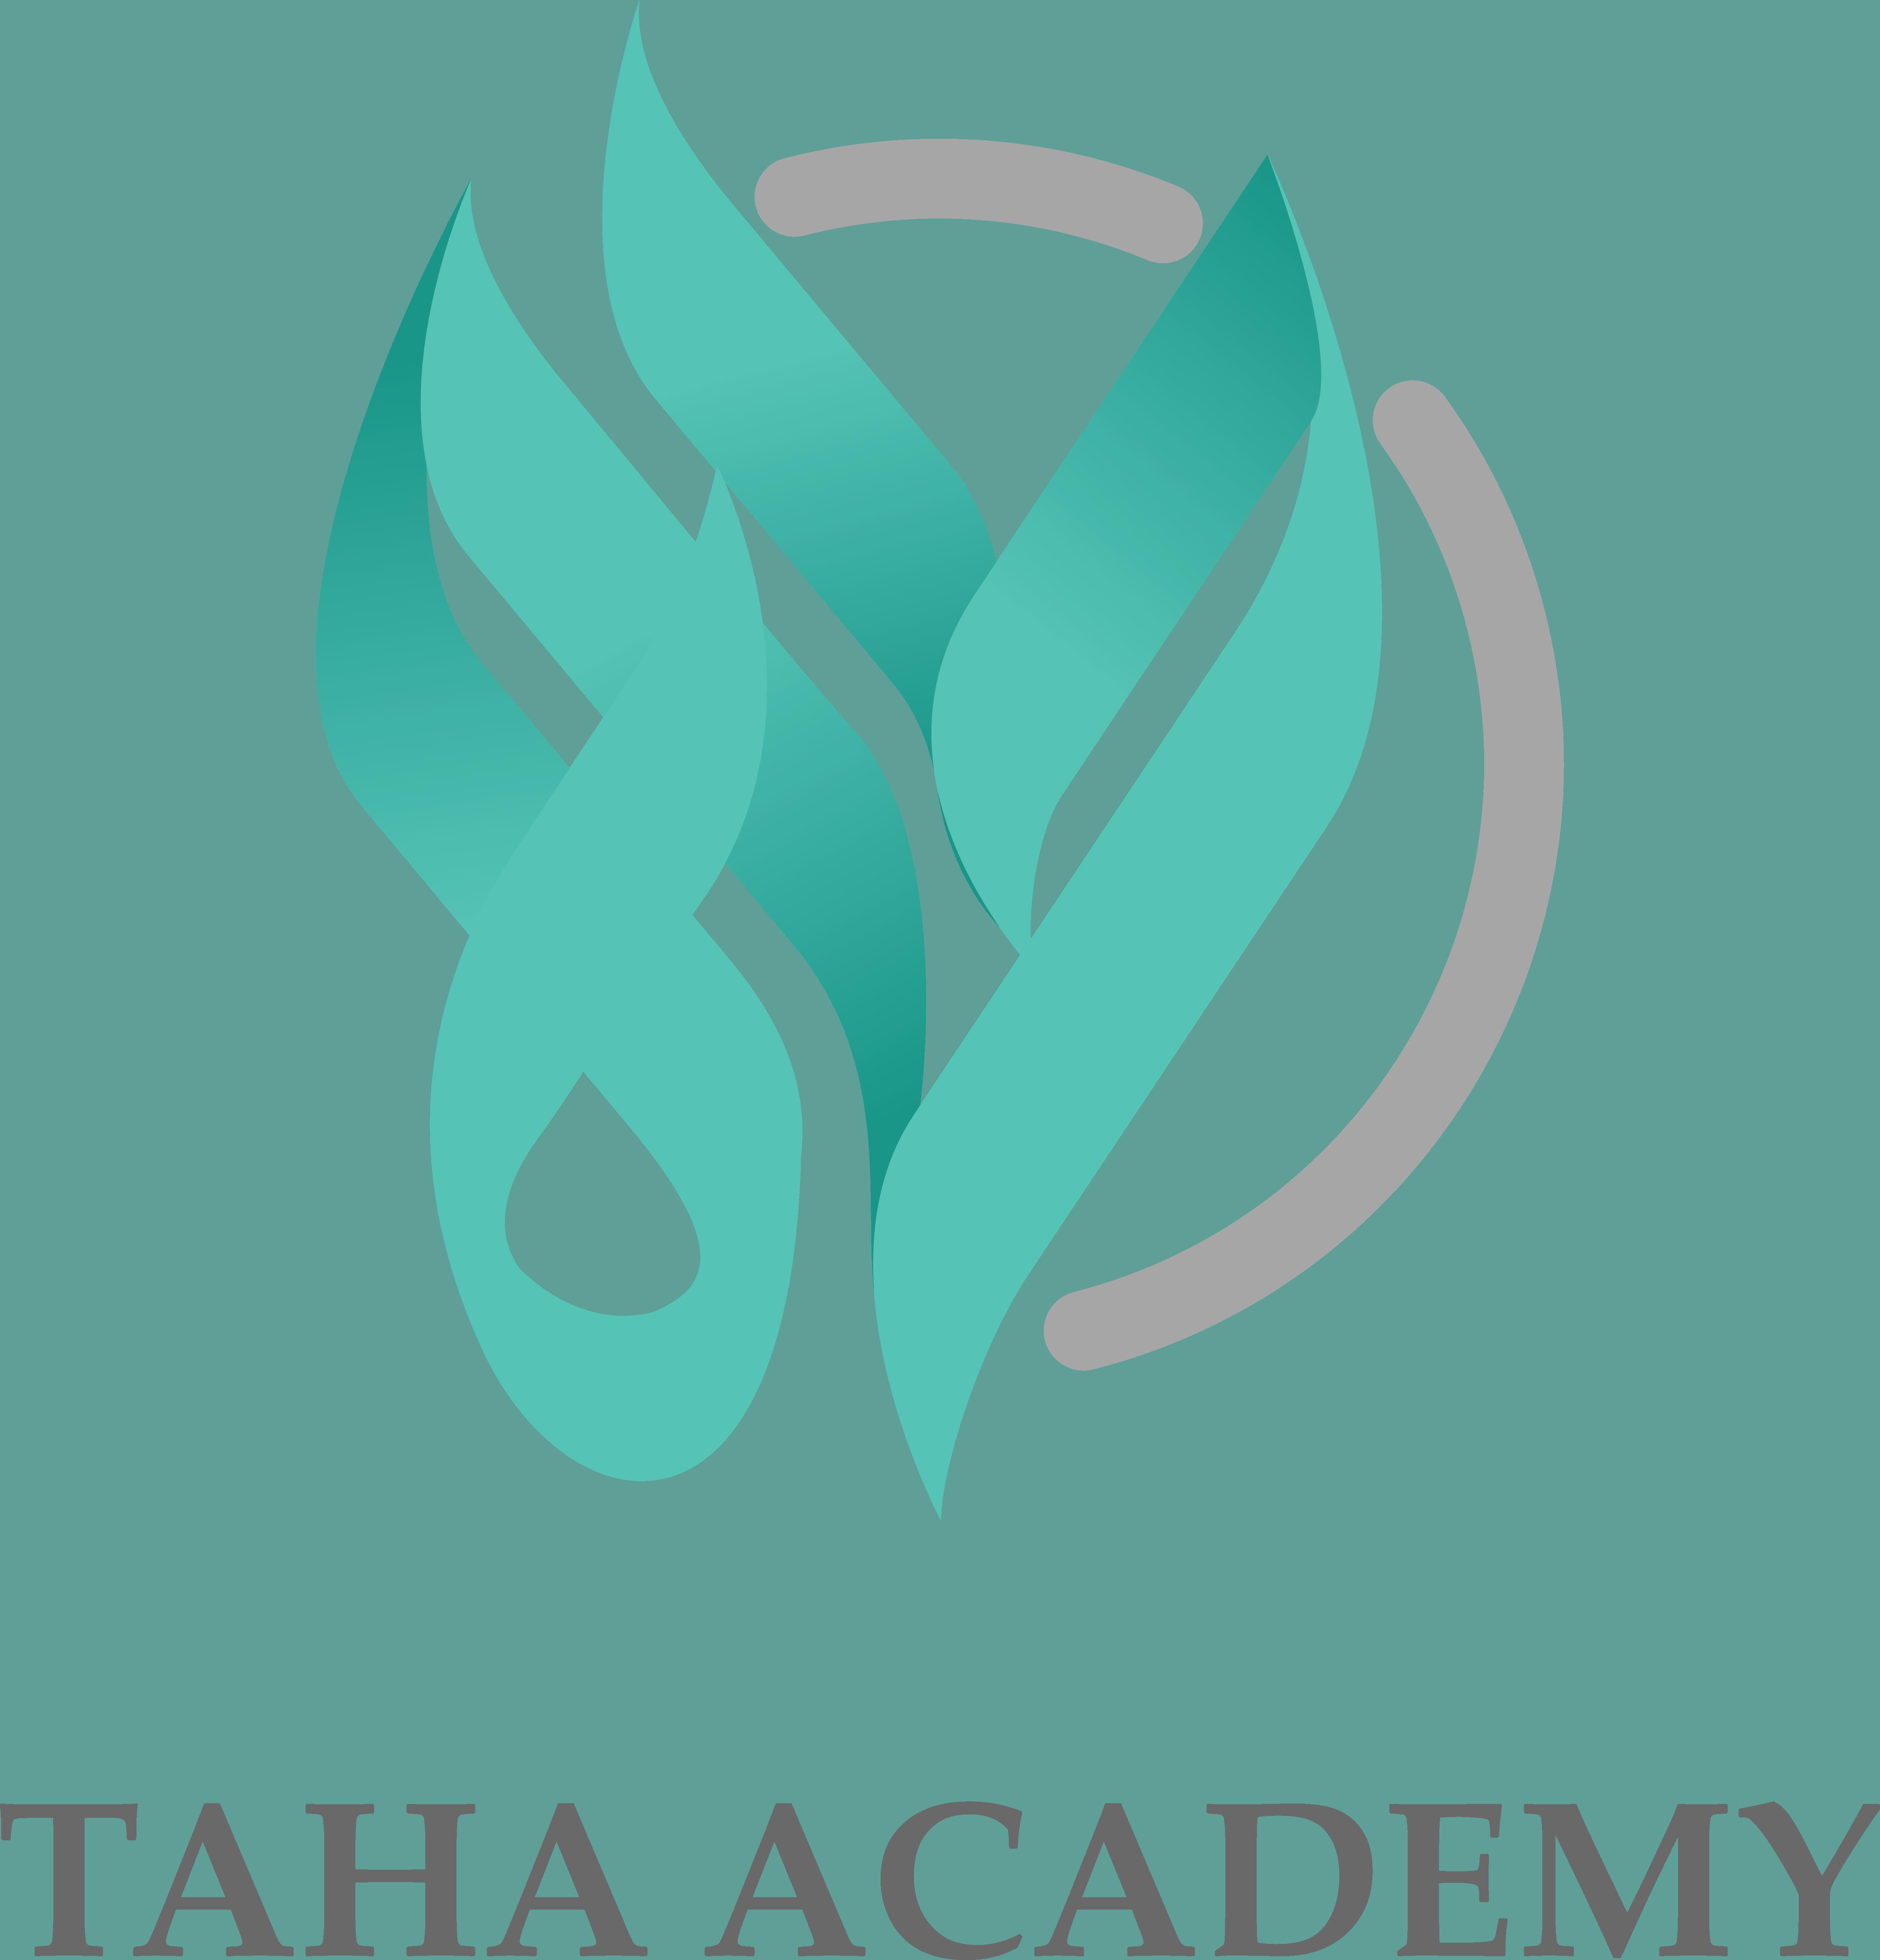 Taha Academy